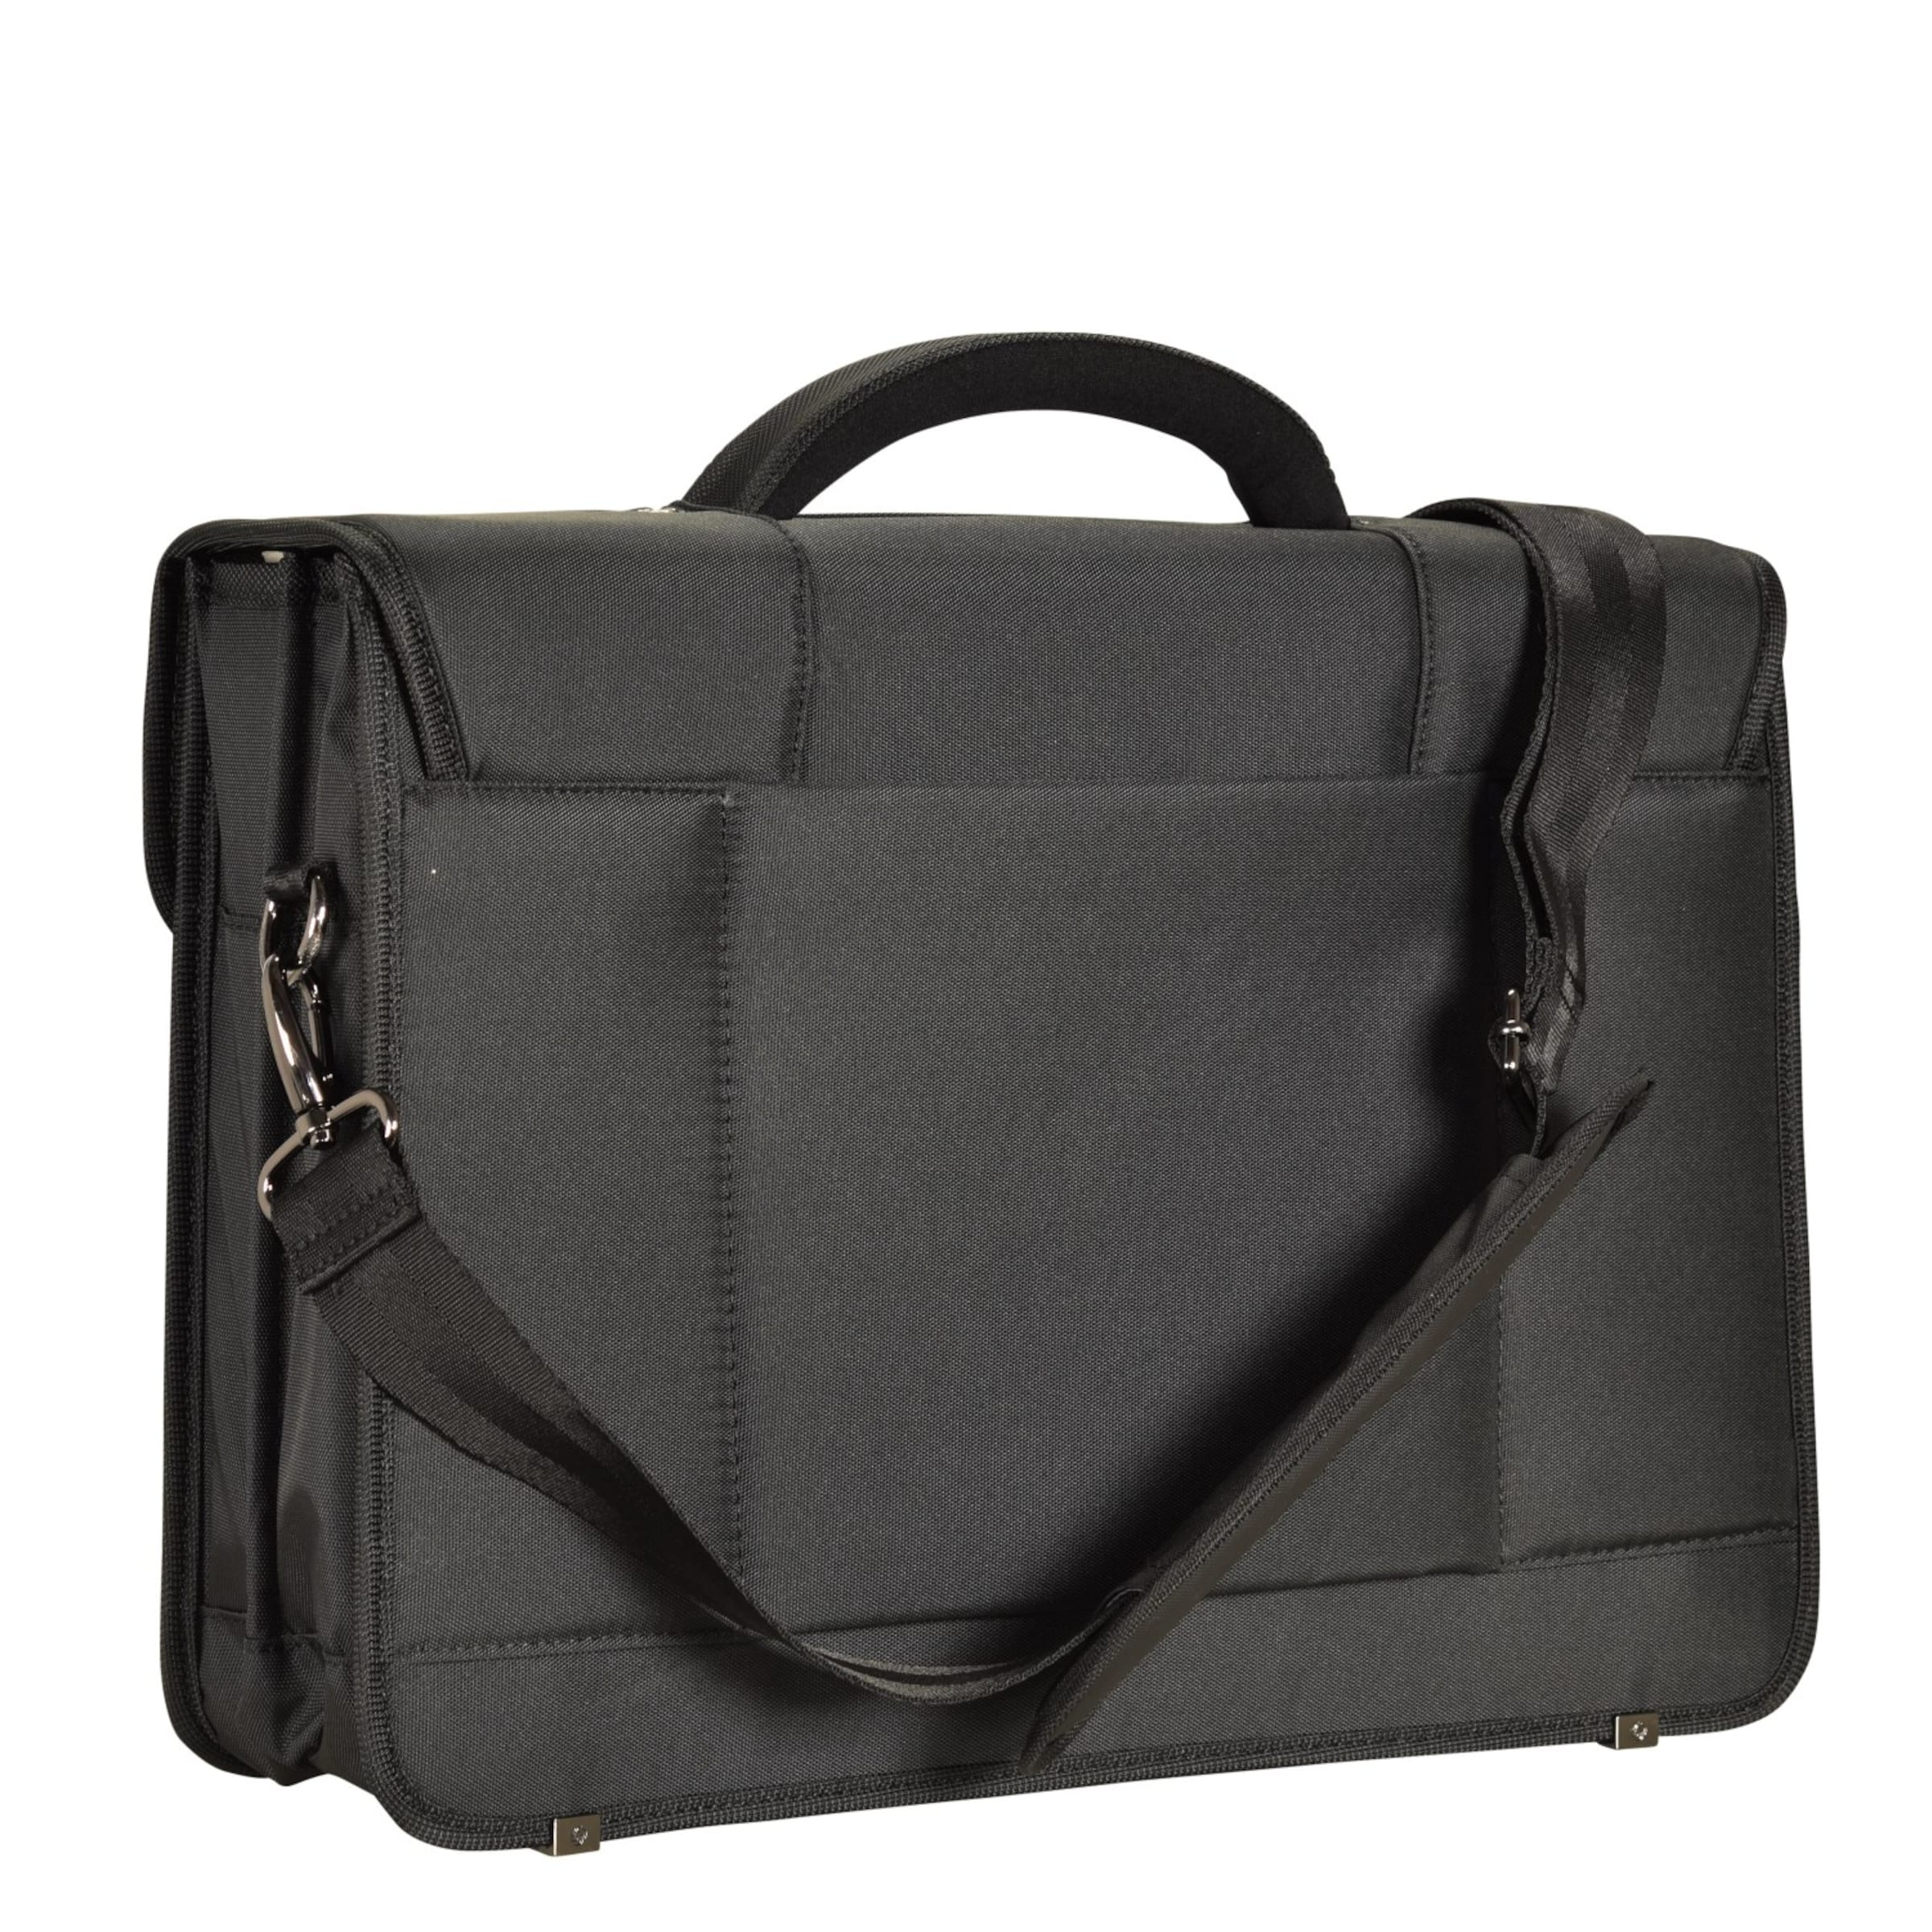 Laptopfach Desklite Briefcase cm 42 SAMSONITE SAMSONITE Aktentasche Desklite E0xwqB1UB